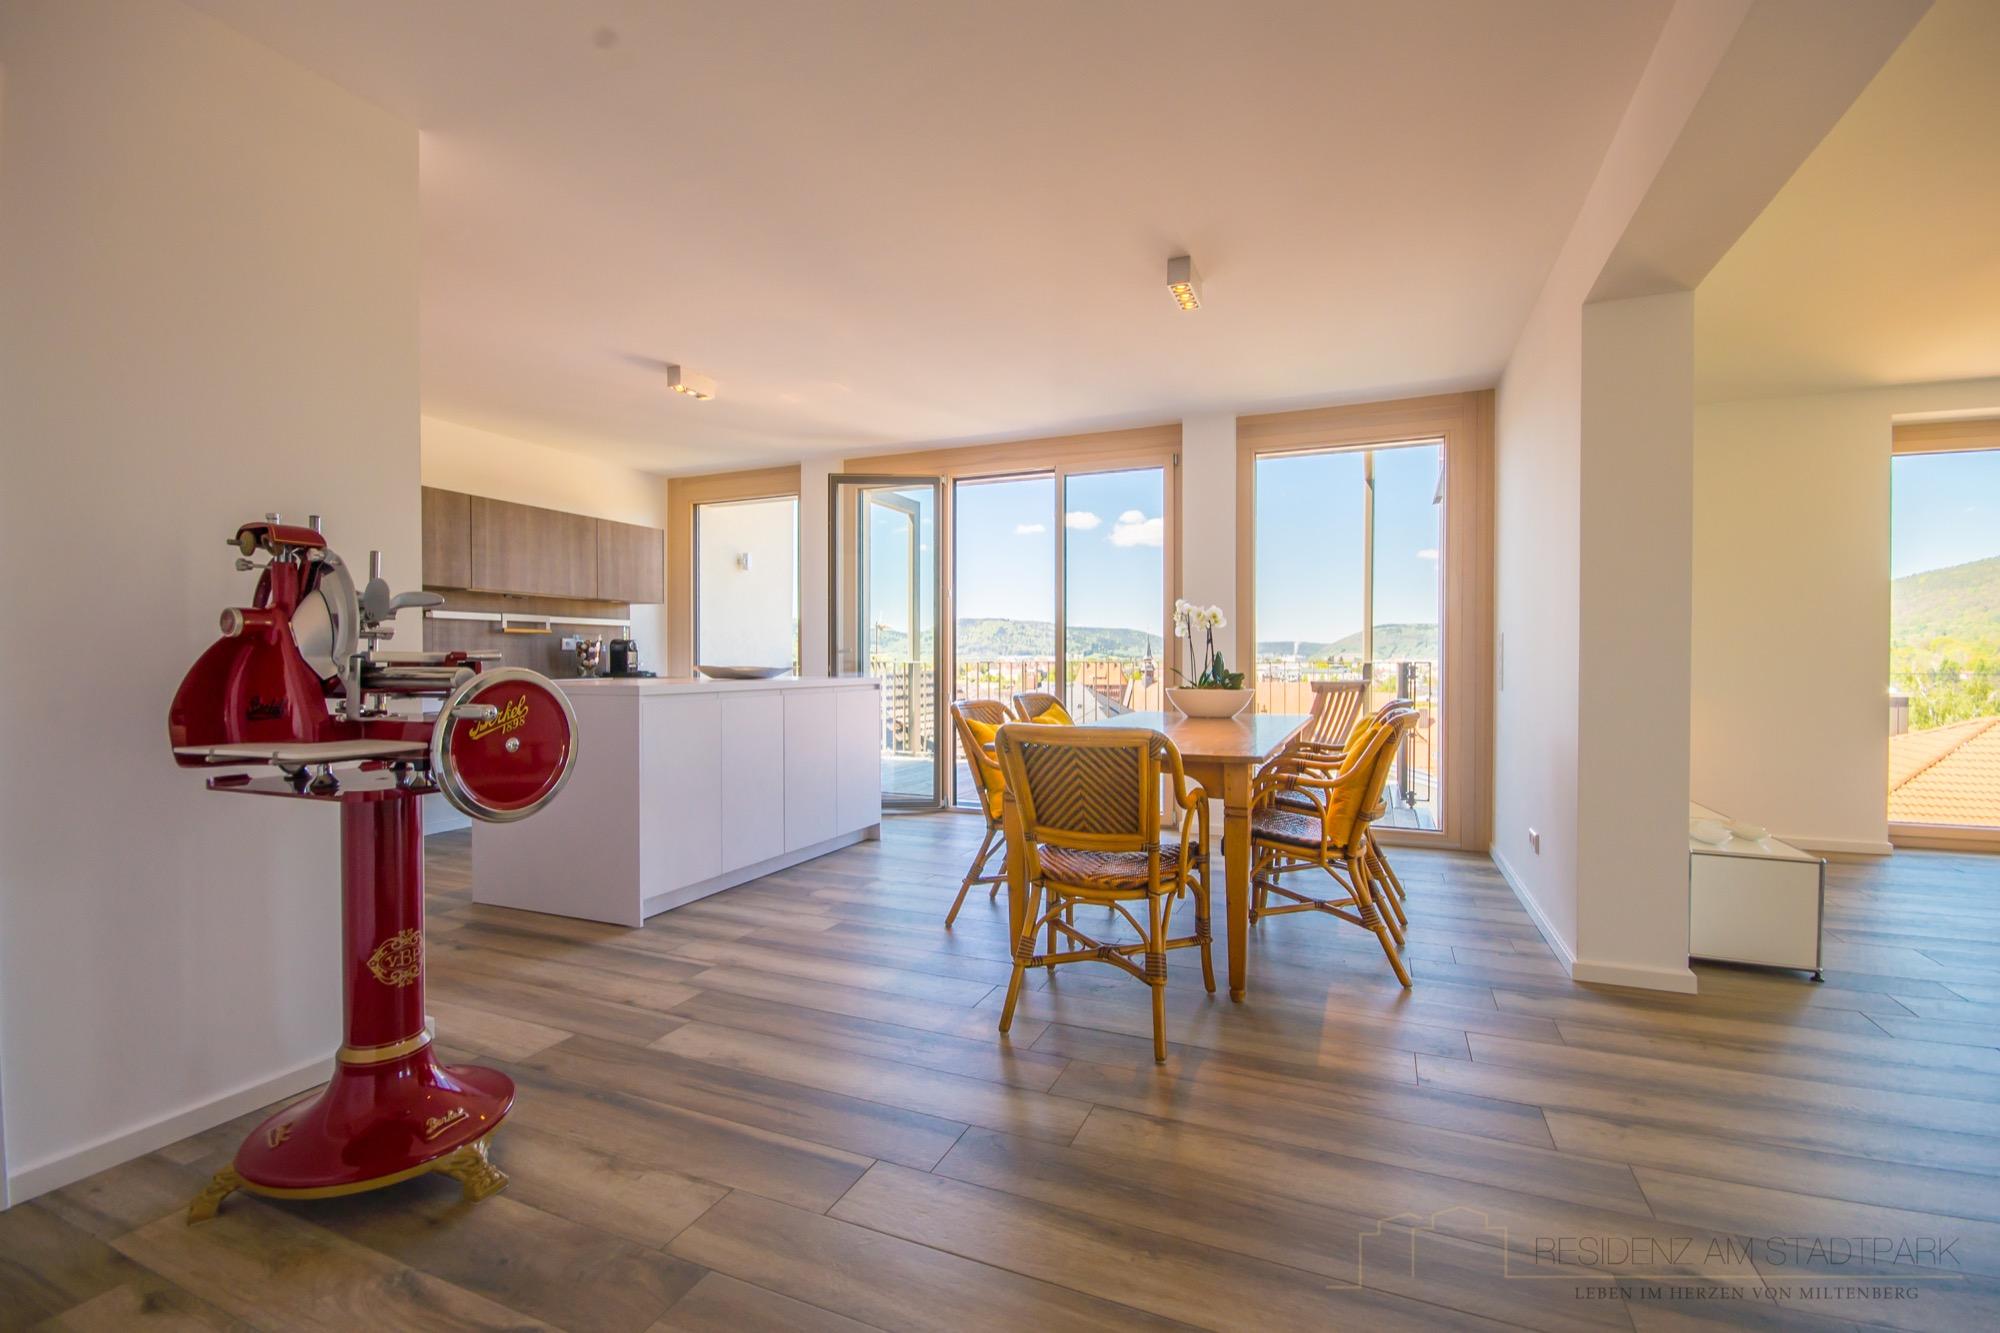 Essbereich mit offener Küche unserer Musterwohnung.jpg